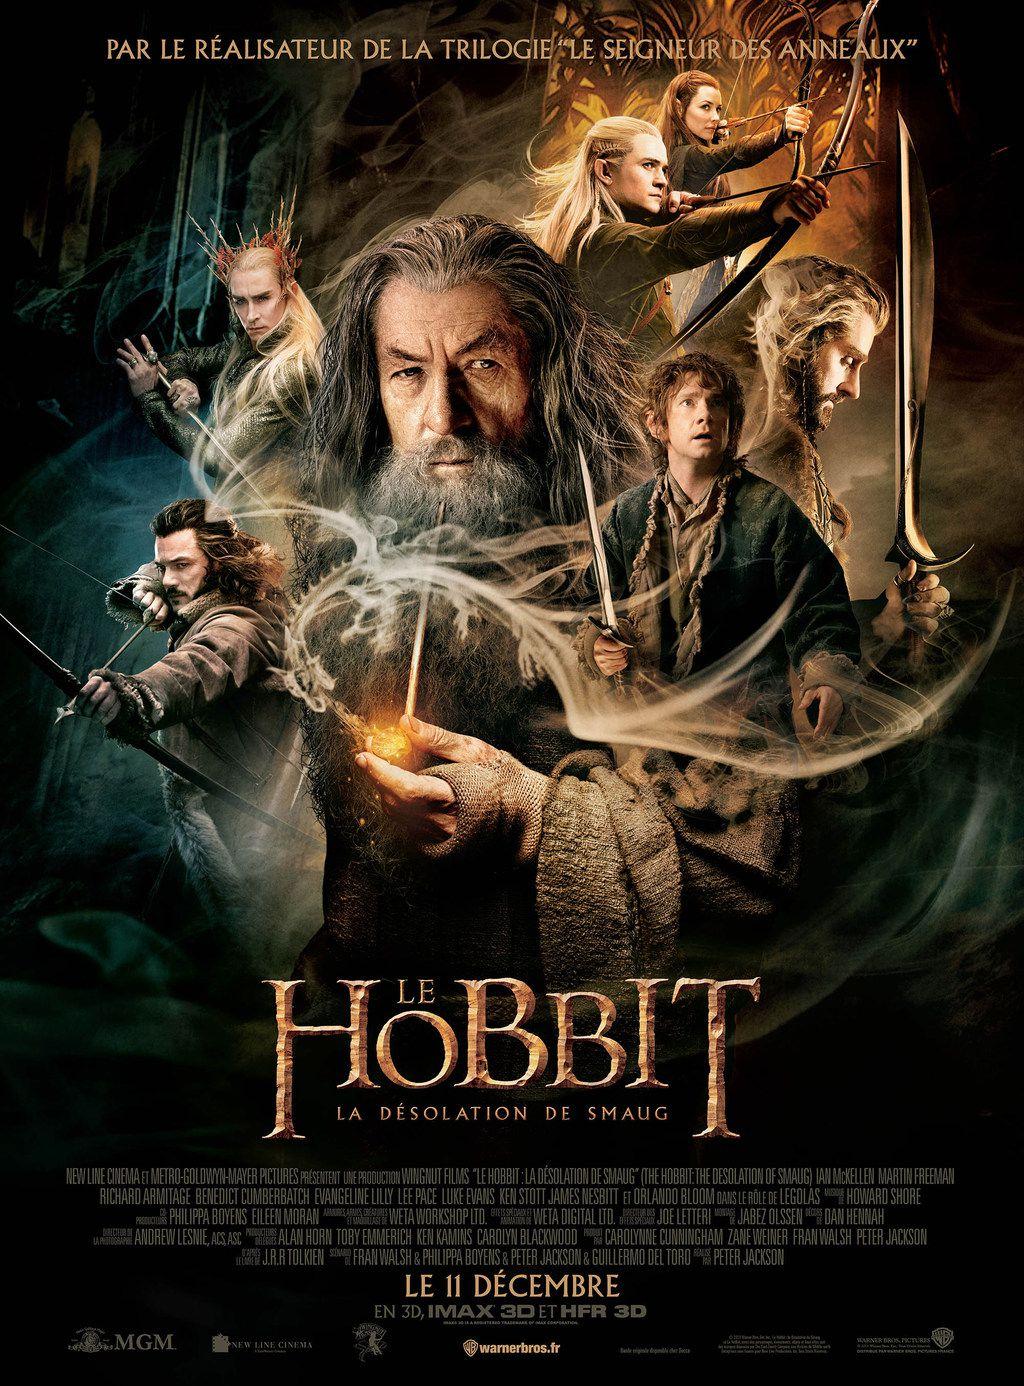 Le Hobbit : La Désolation de Smaug - Film (2013)